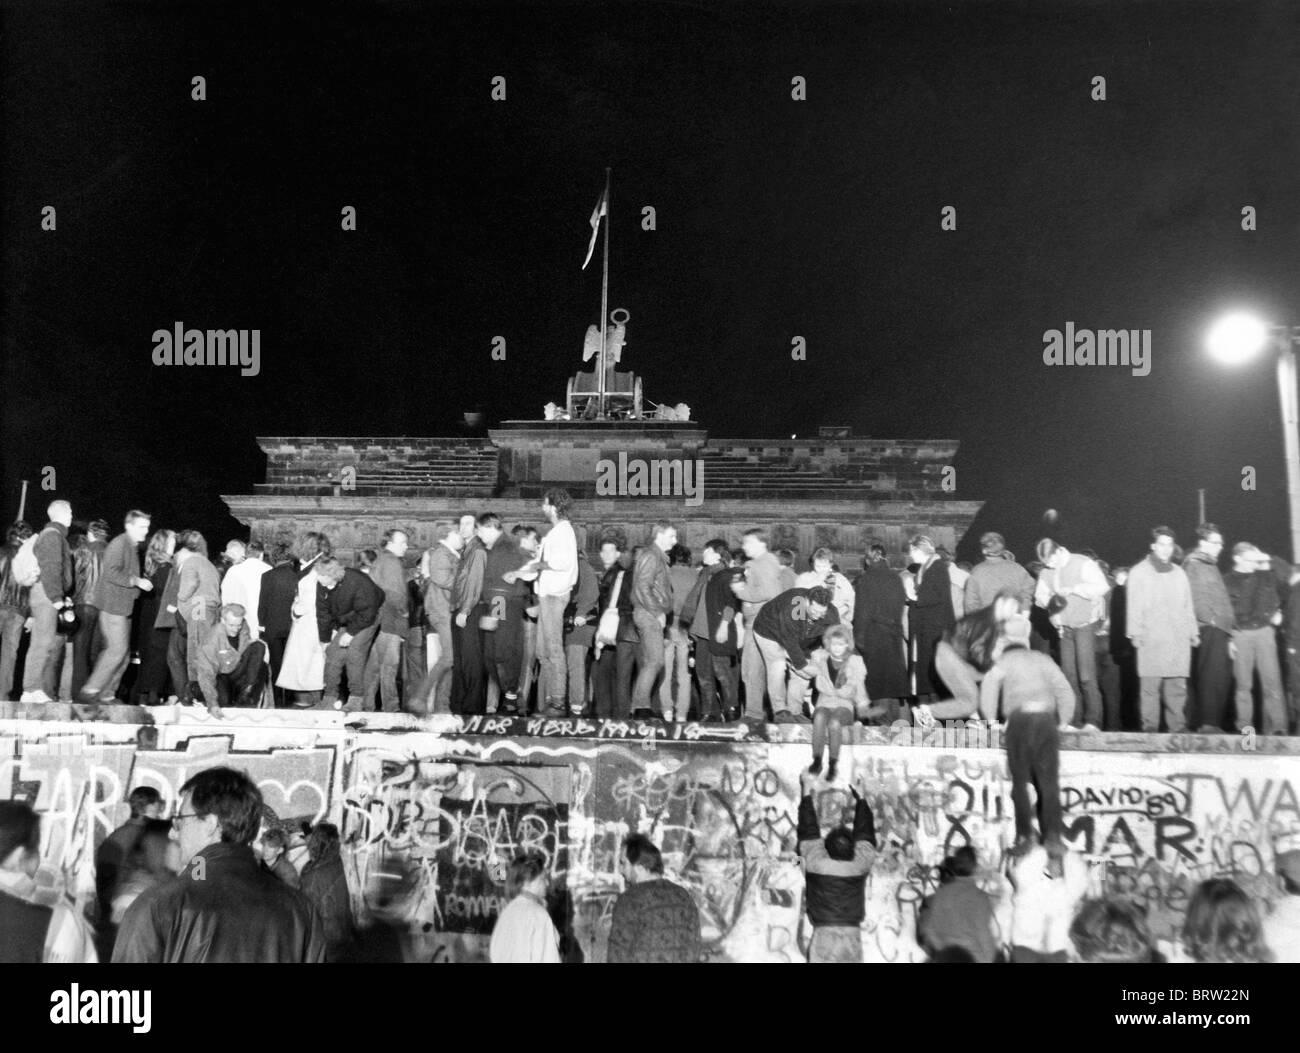 Fall der Berliner Mauer, Nacht vom Donnerstag, den 9. Freitag, 10. November 1989, historische Aufnahme, etwa 02:00 Stockbild